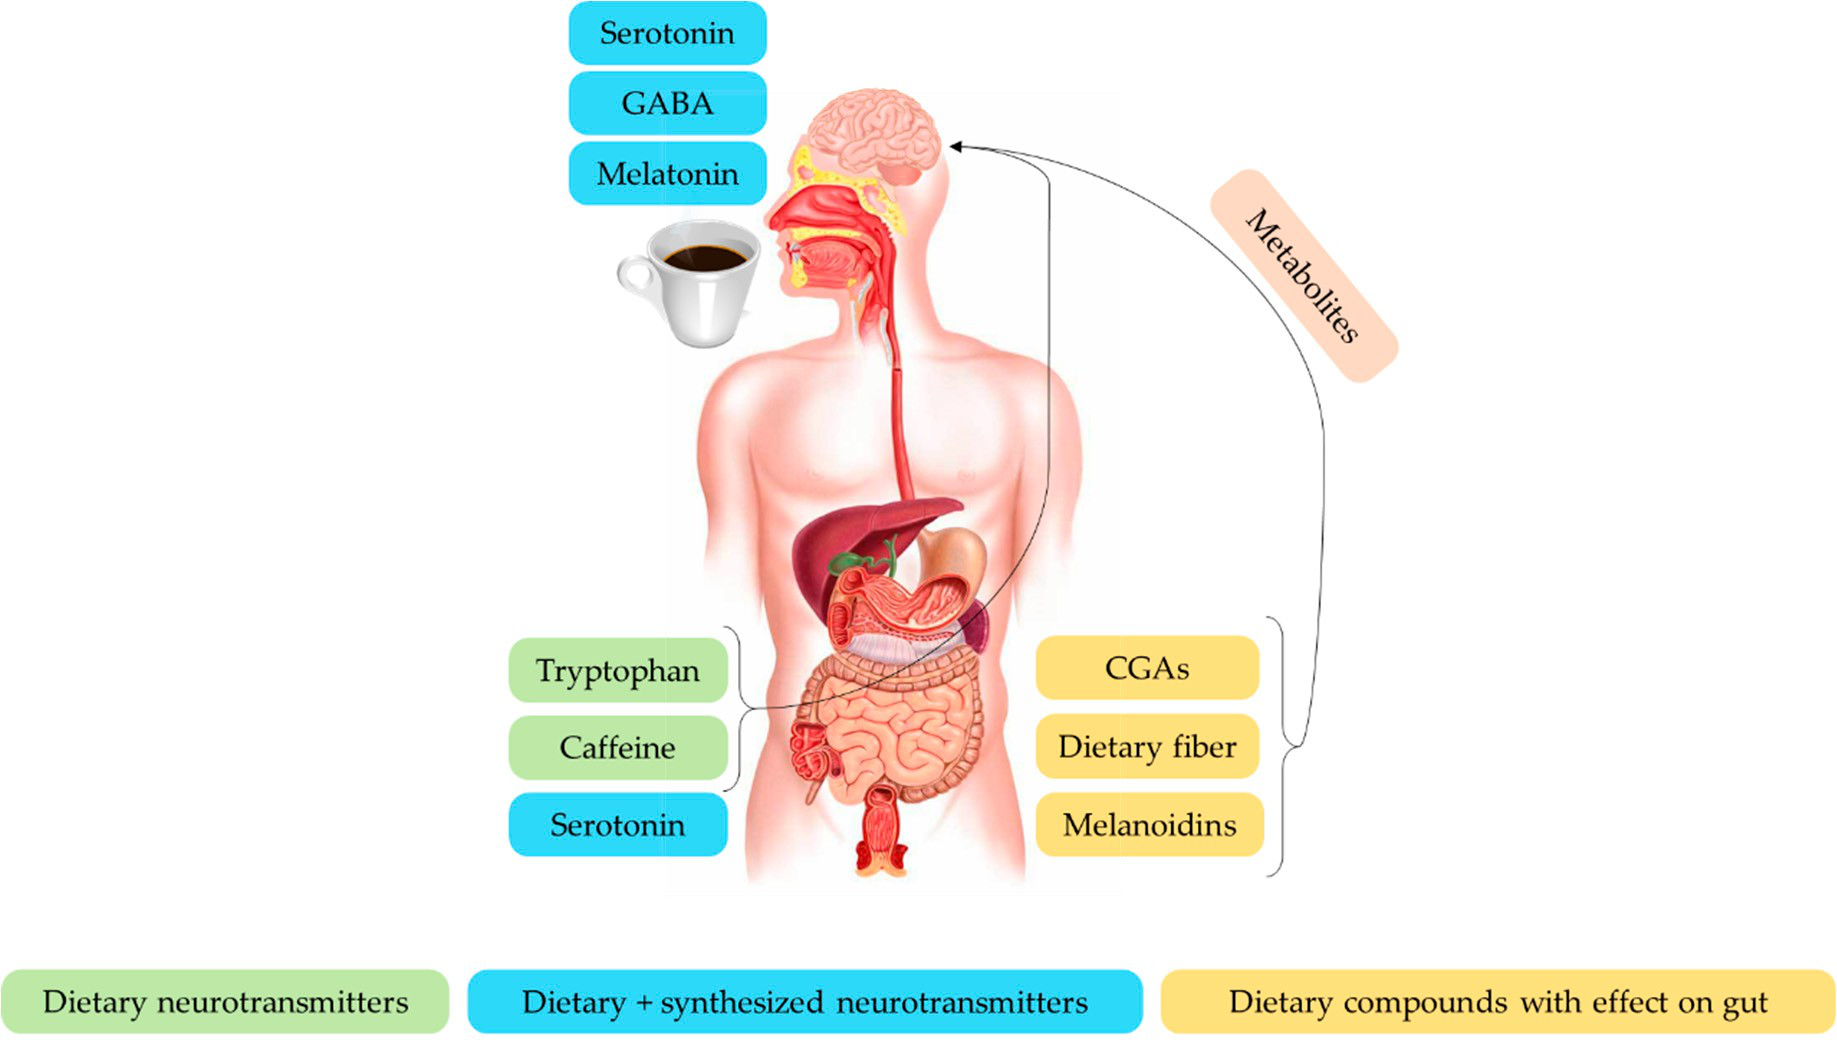 咖啡化合物对脑肠轴的影响.png